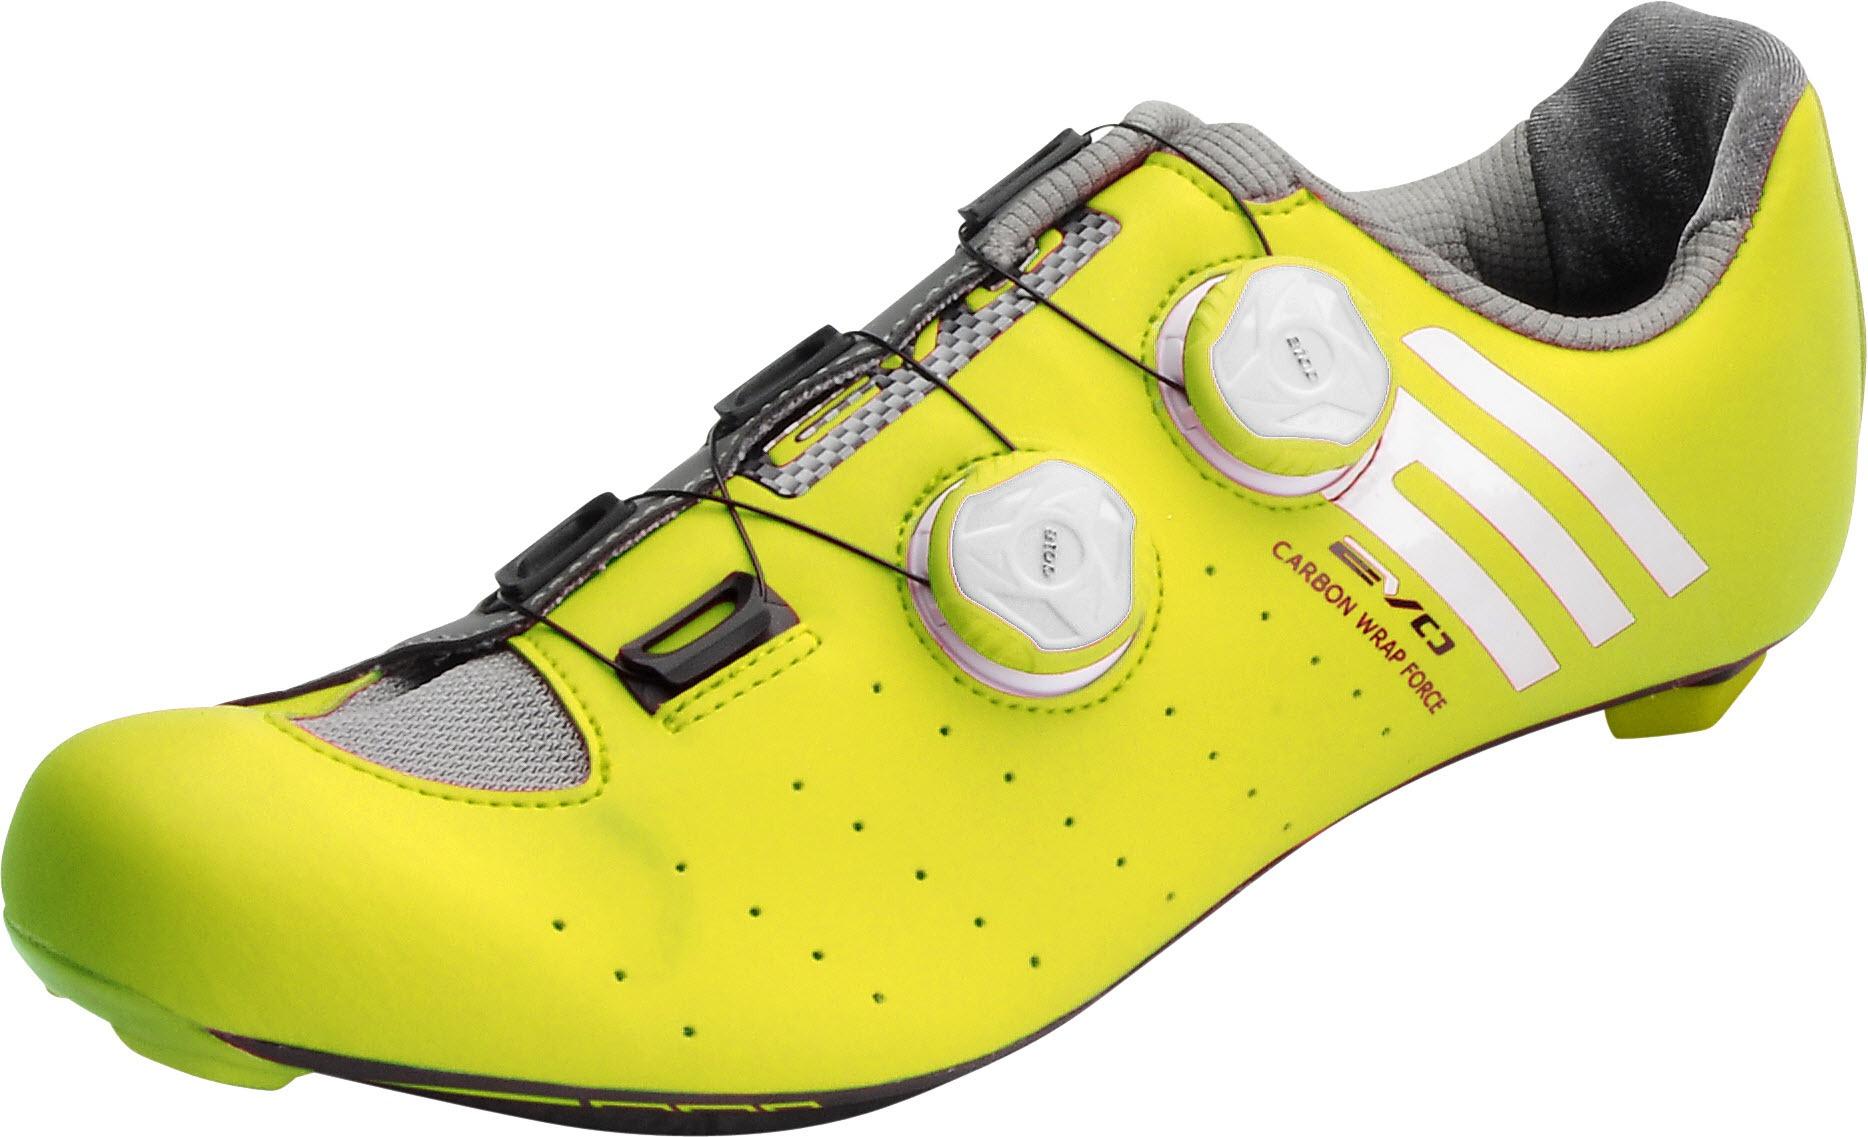 Chaussures BH Evo (Jaune)